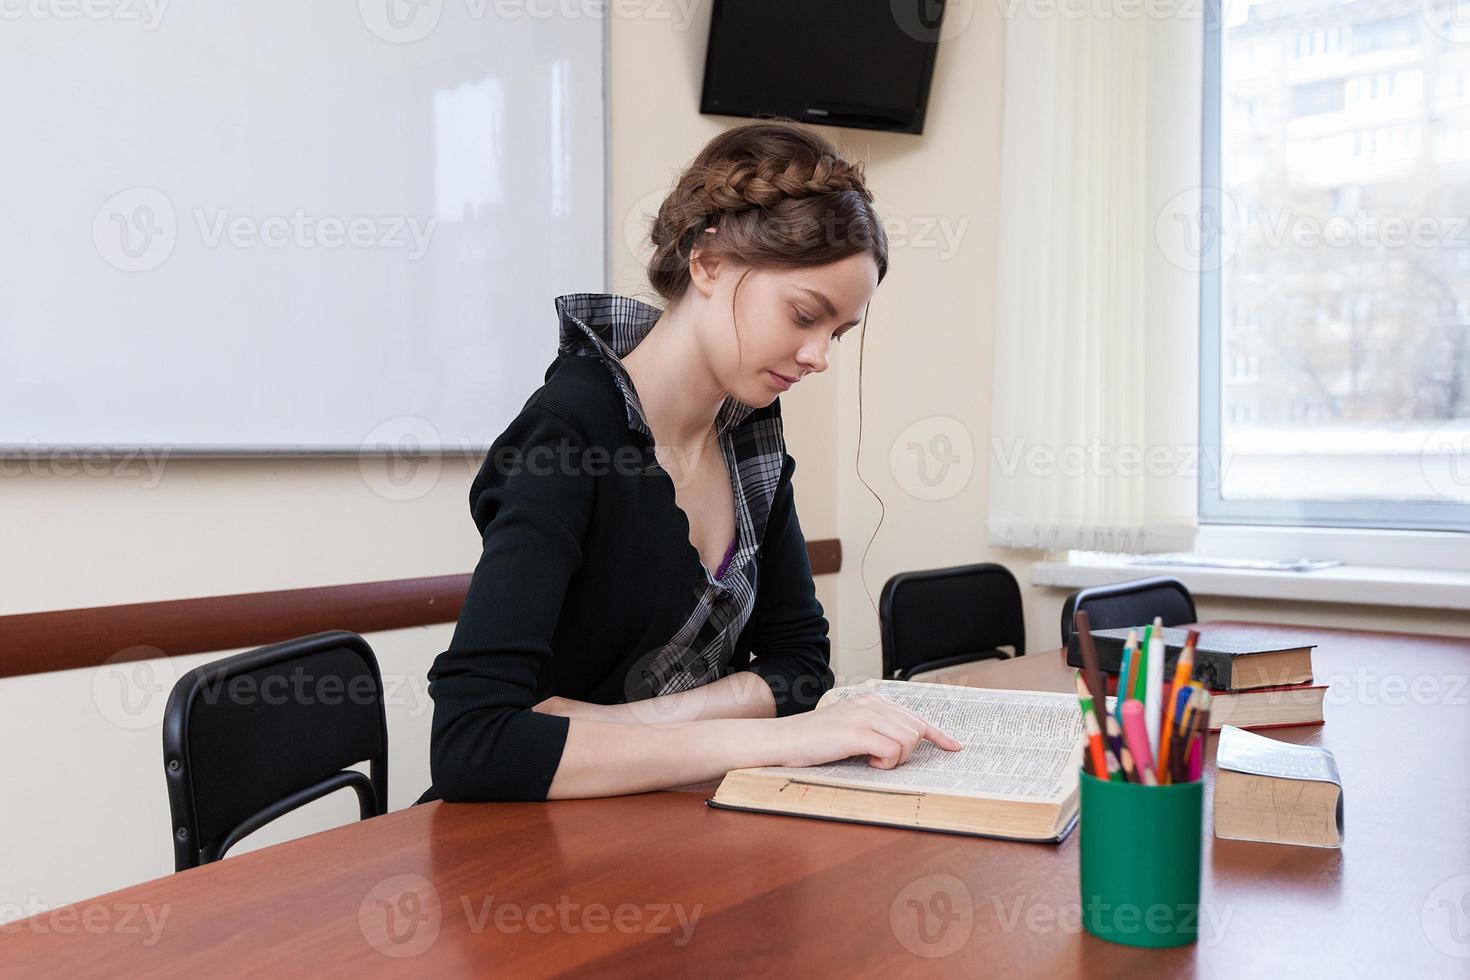 étudiant lit un manuel photo